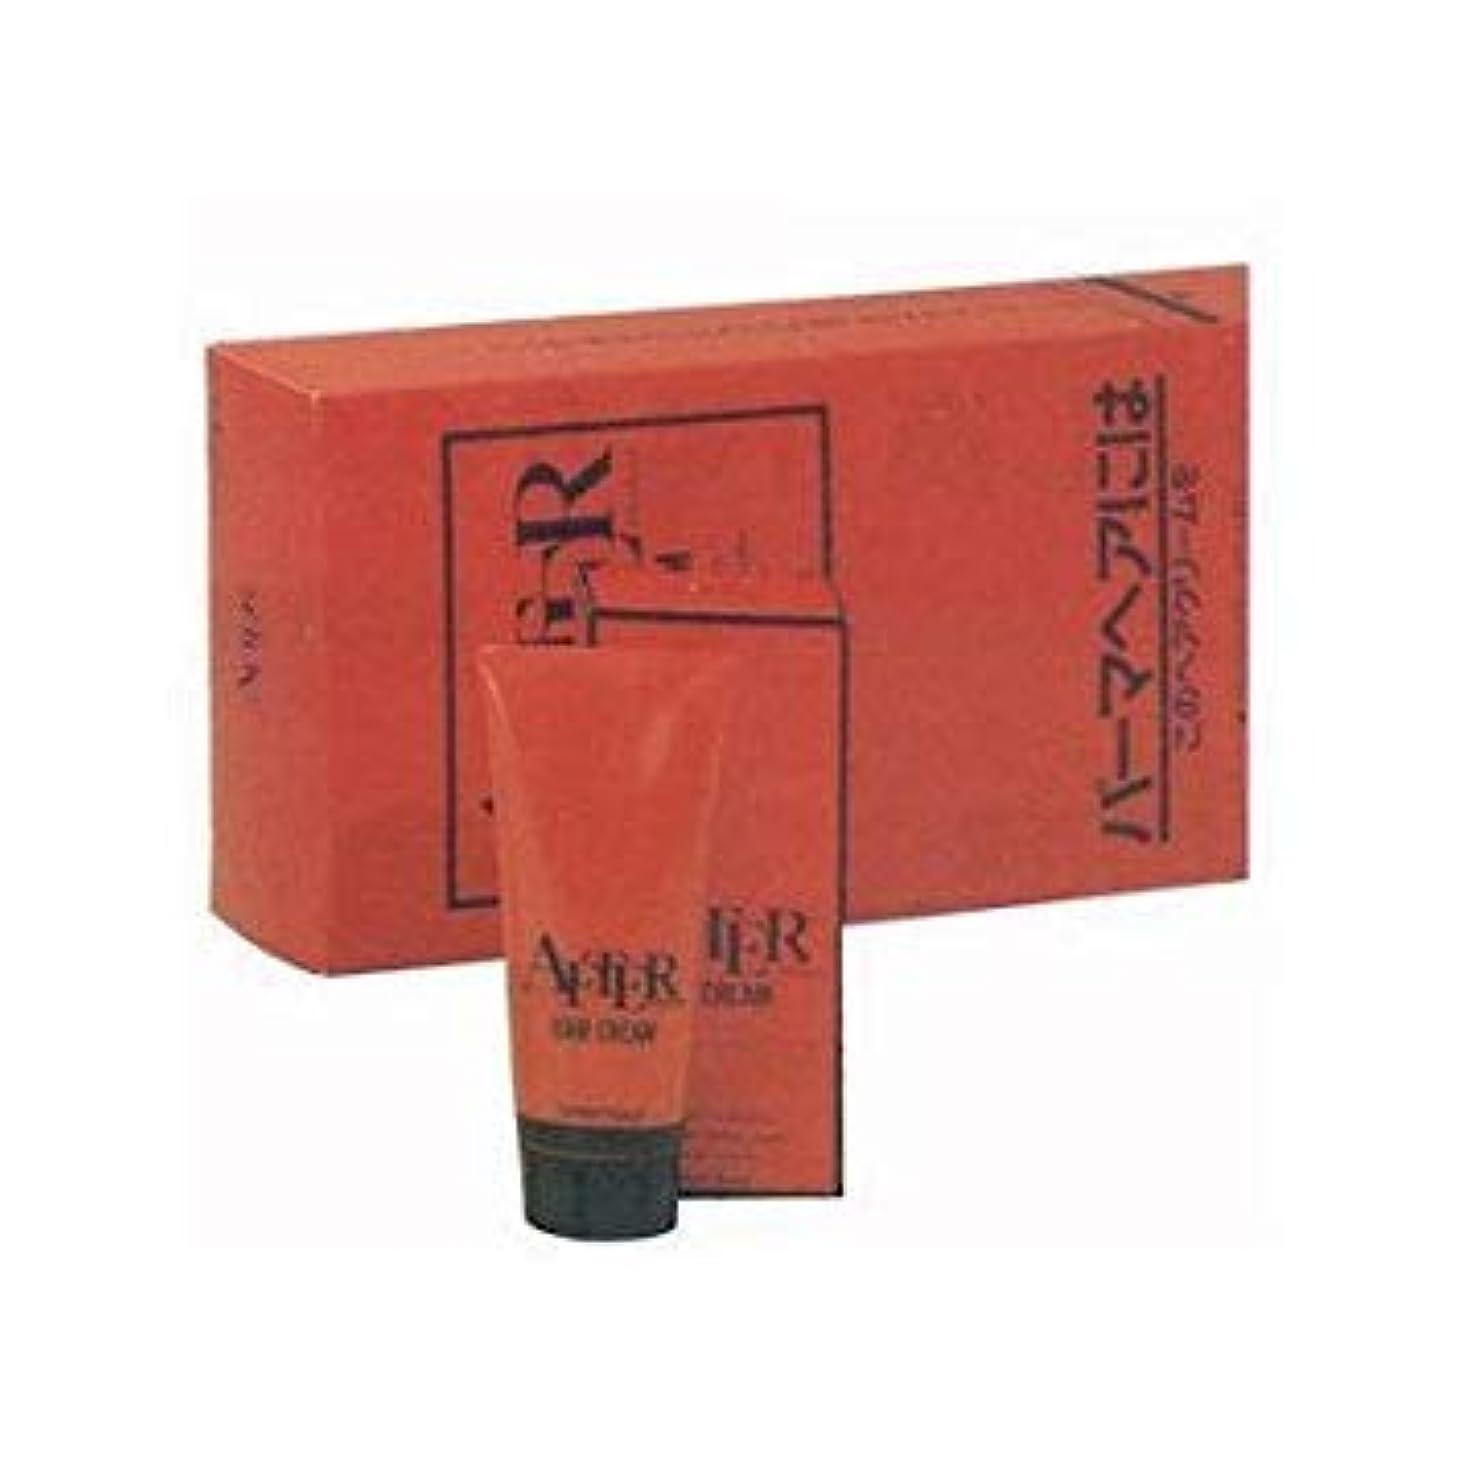 約強調する工夫するルビタリザンヘアクリーム90g チューブ入 1箱(7本)